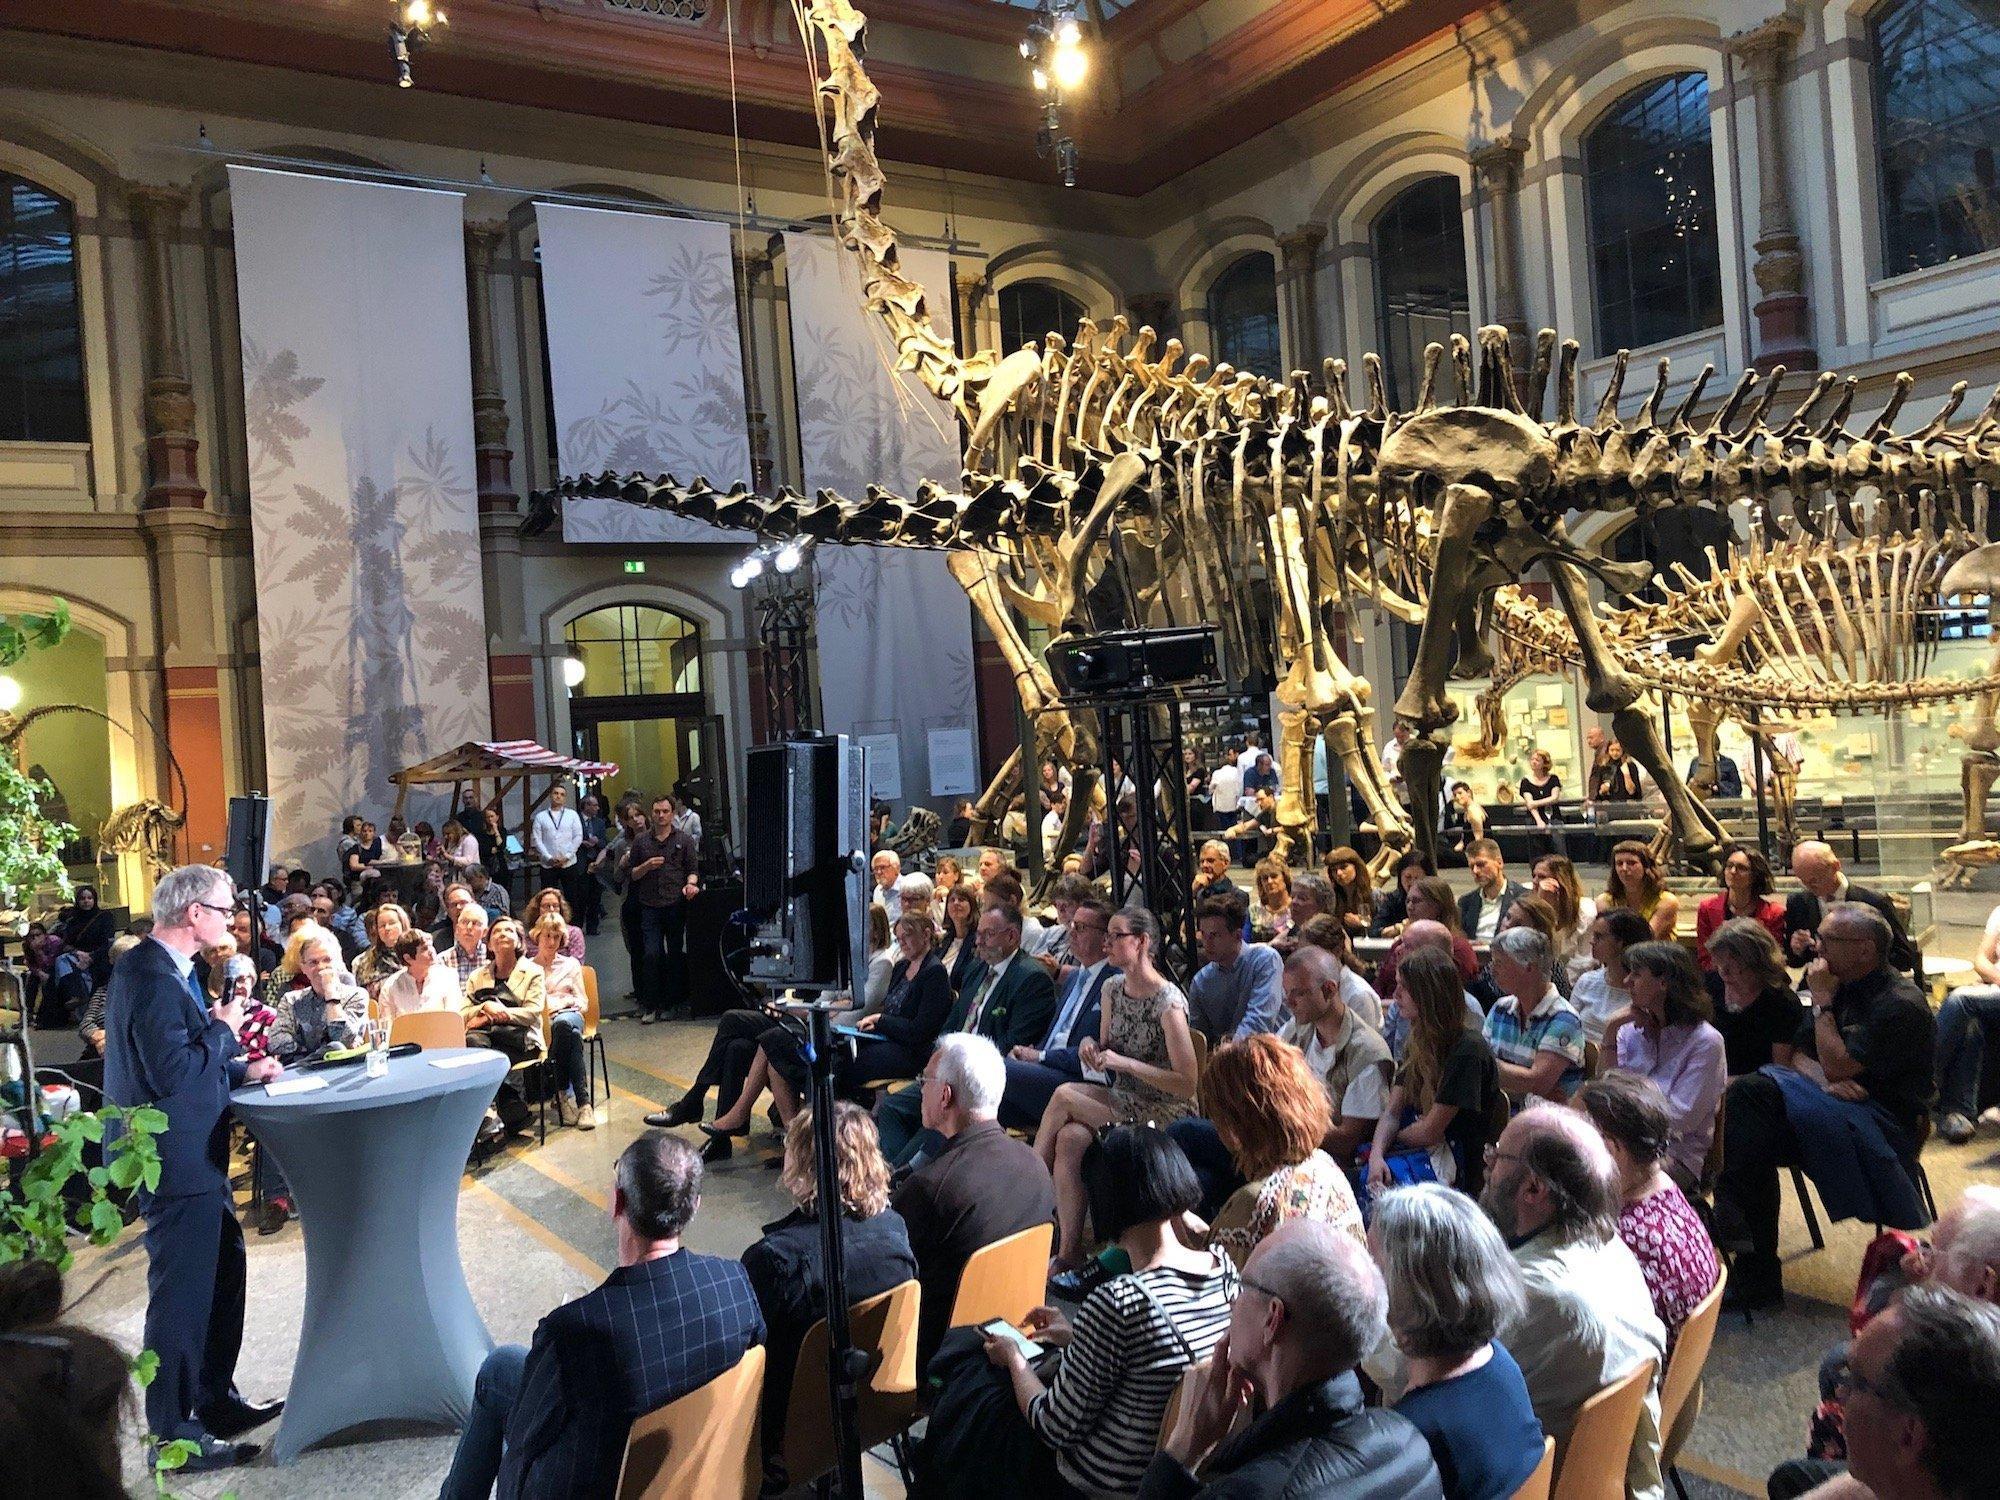 Viele Menschen sitzen um ein Redepult herum. Daran steht ein Mann im Anzug. Zwischen den Zuschauern befindet sich ein sehr großes Skelett eines Dinosauriers.